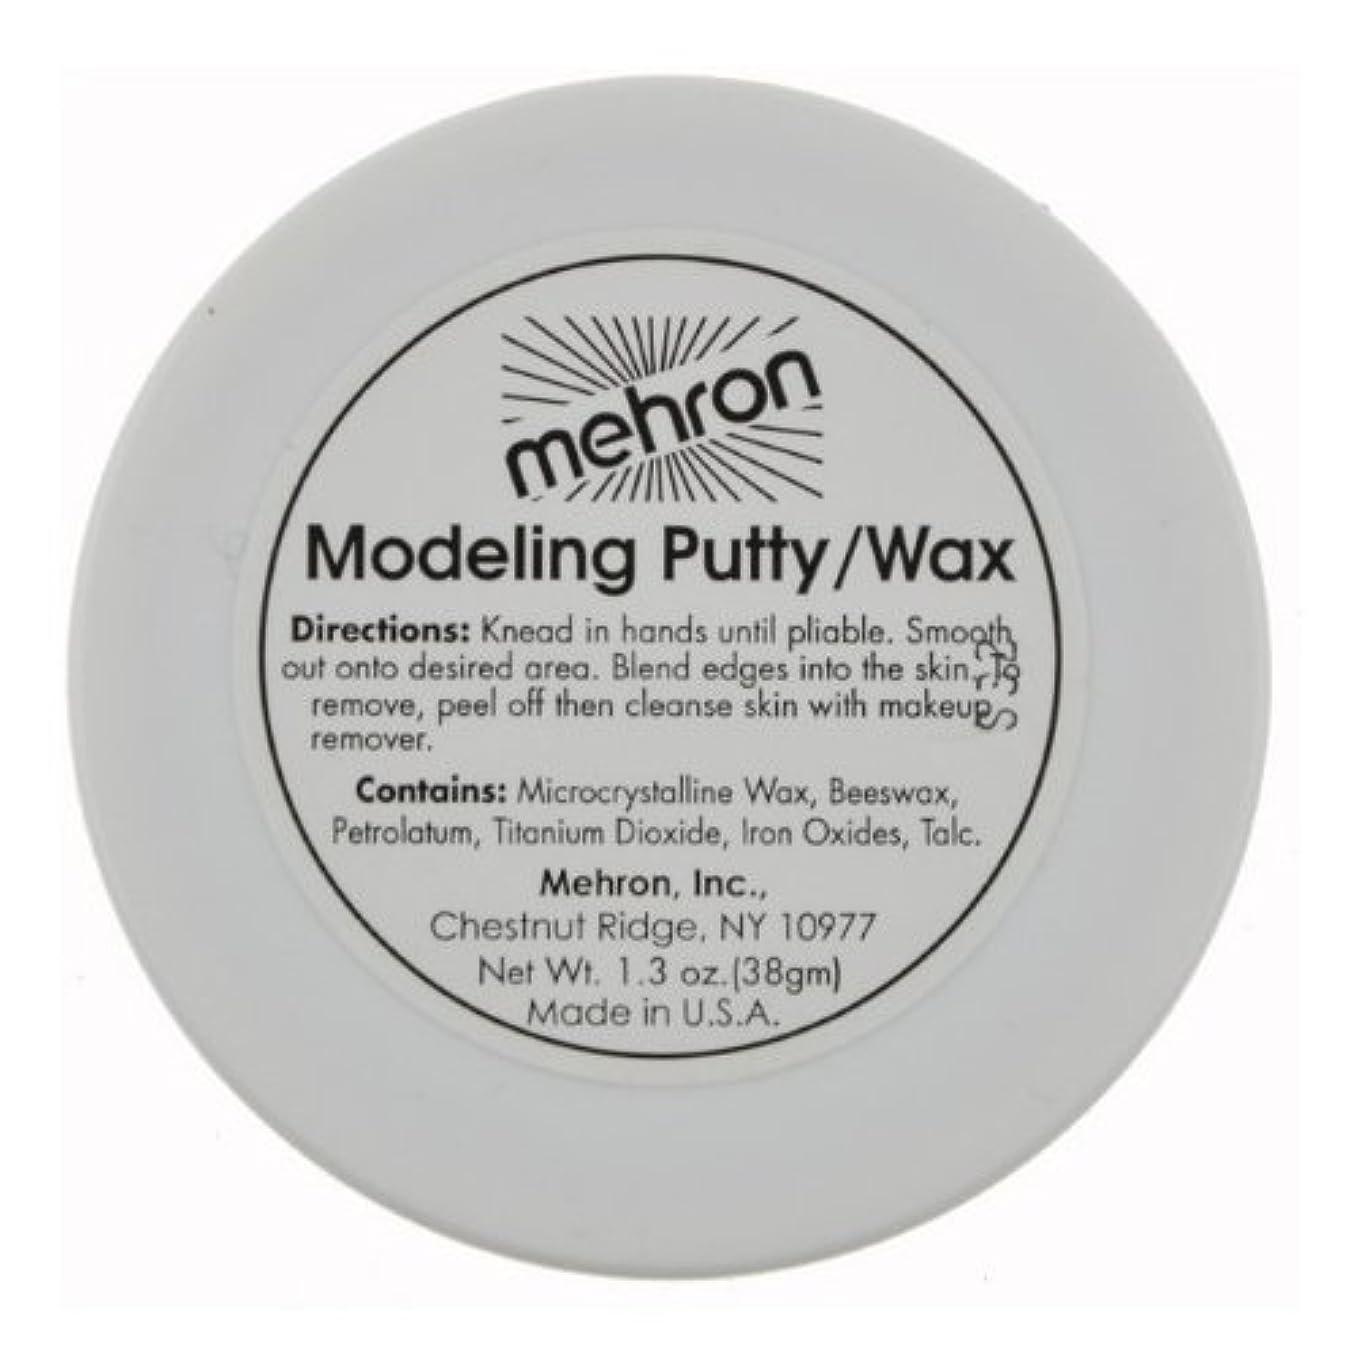 解任関税信頼できる(3 Pack) mehron Modeling Putty/Wax (並行輸入品)